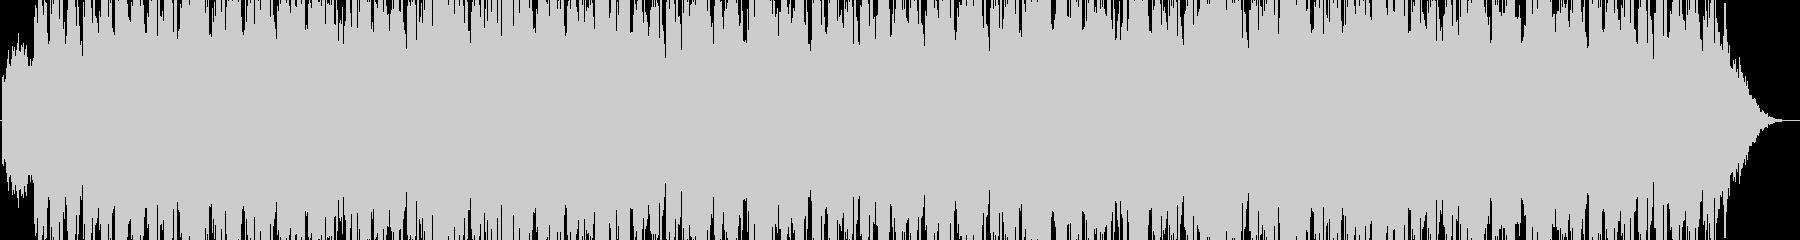 癒やしのピアノ ヒーリング音楽の未再生の波形